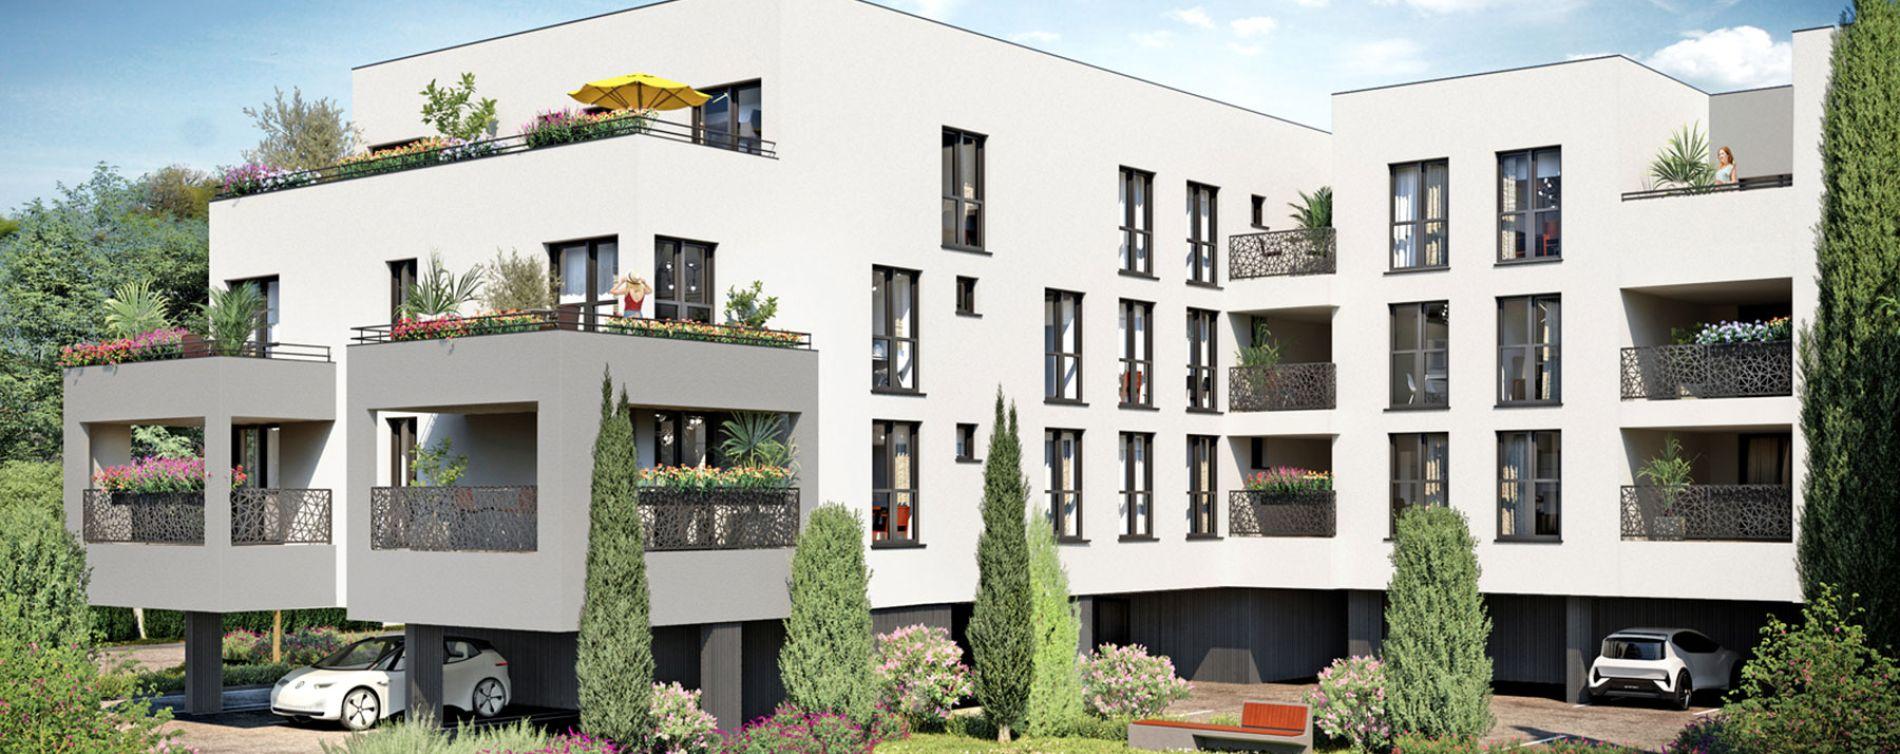 Mérignac : programme immobilier neuve « L'Empreinte » (2)